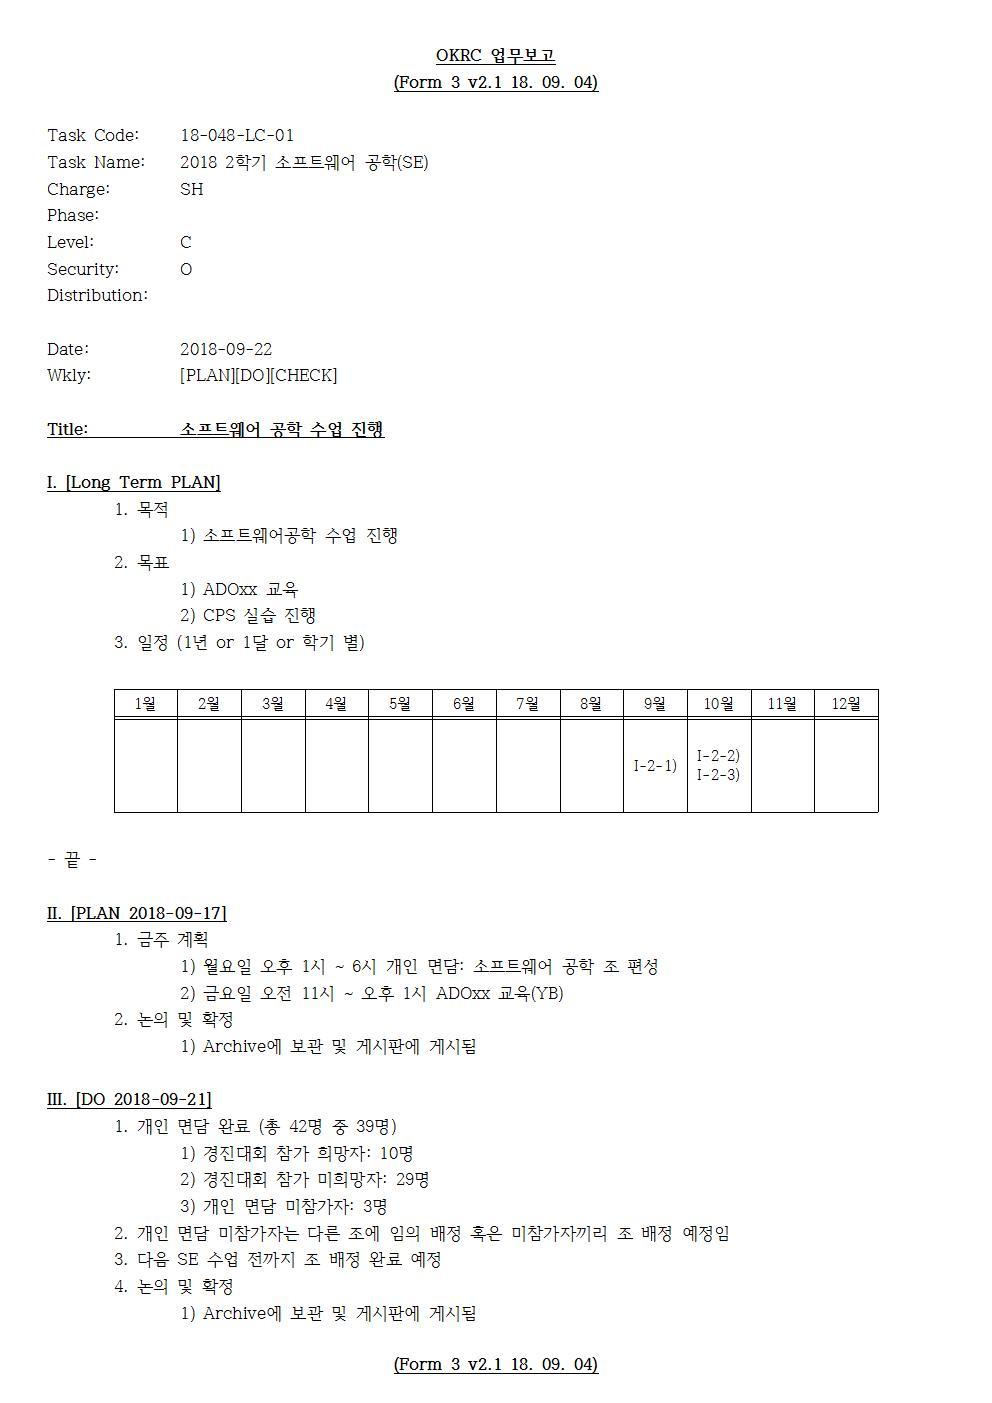 D-[18-048-LC-01]-[SE]-[2018-09-22][SH]001.jpg